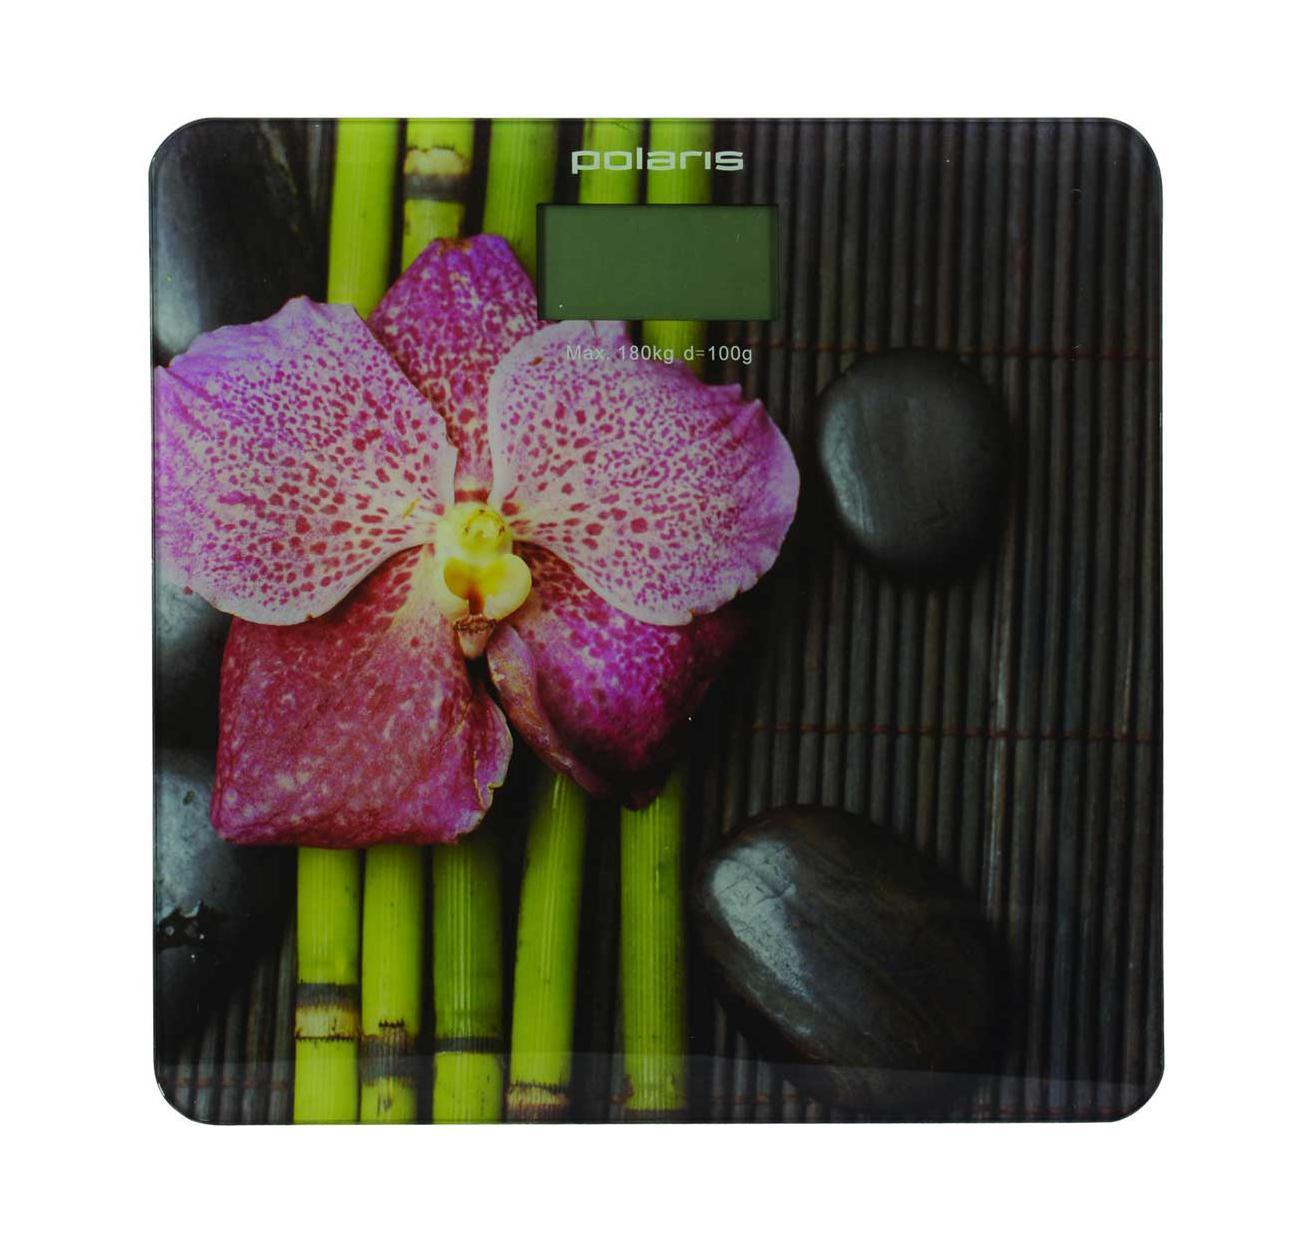 Polaris PWS 1832DG Орхидея весы напольныеPolaris PWS 1832DG орхидея